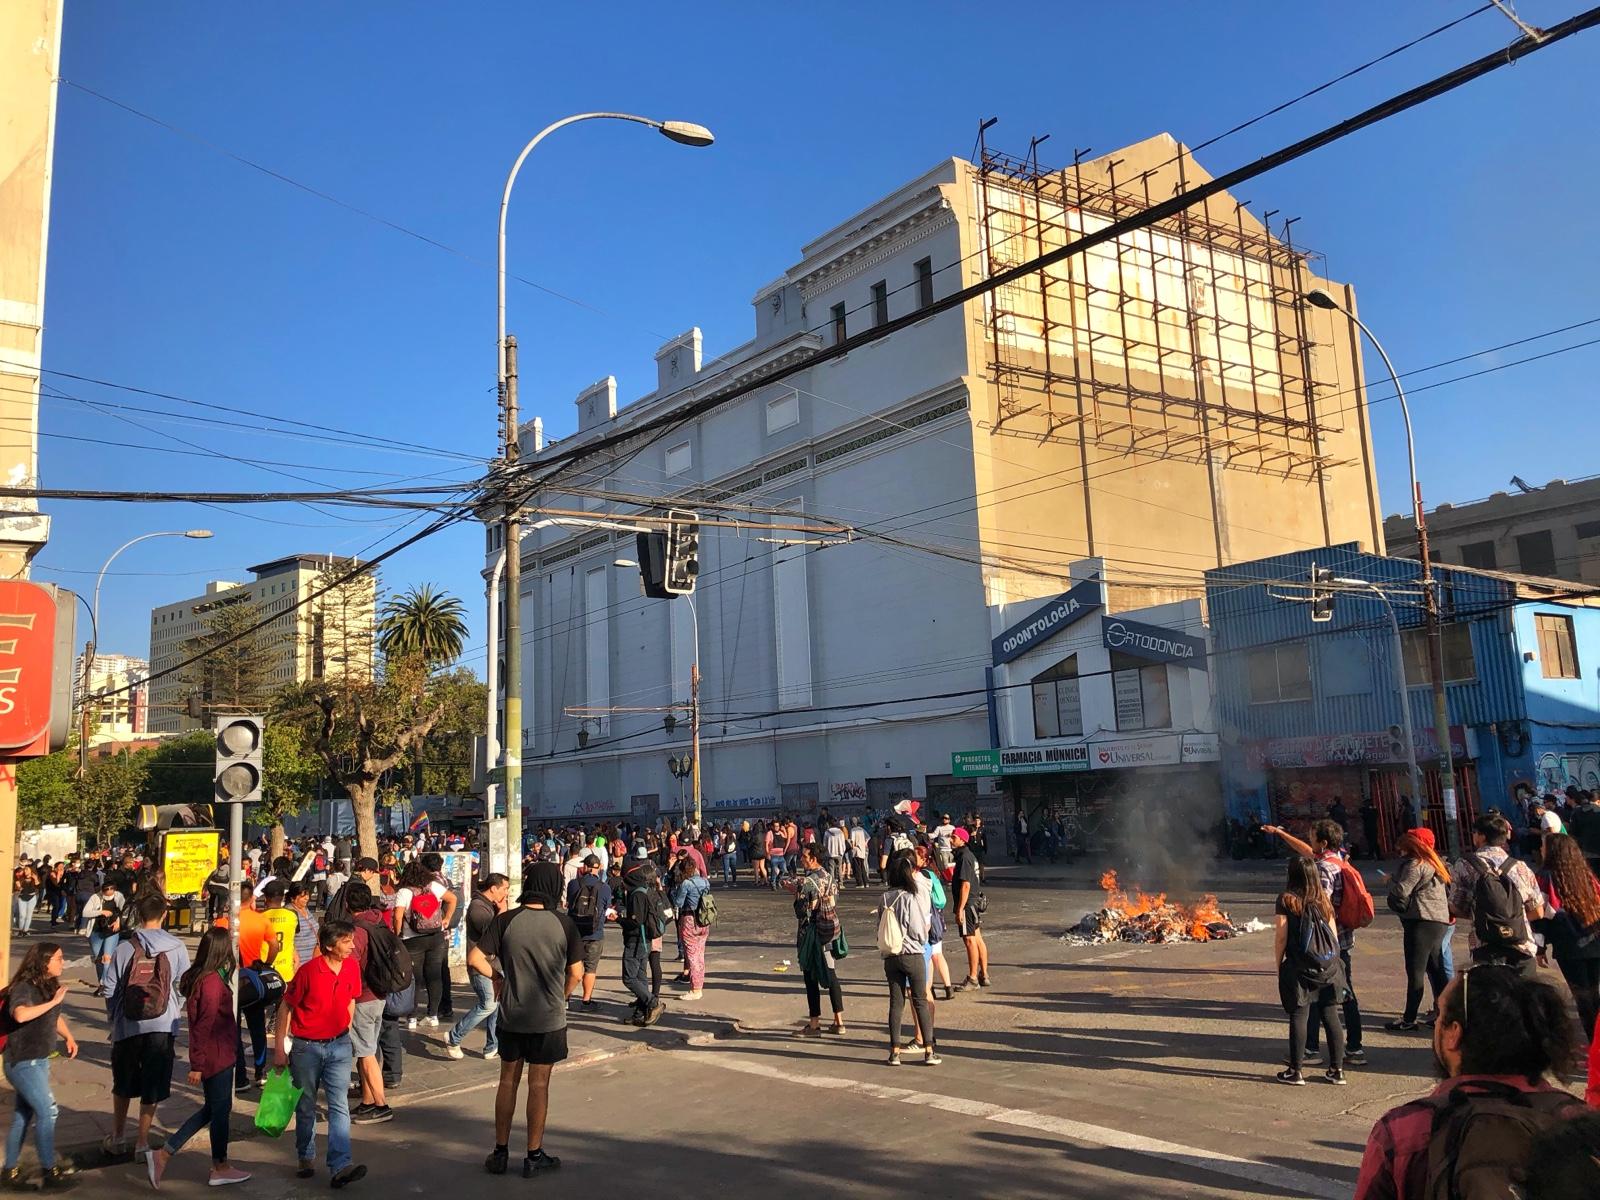 Demo Valparaiso